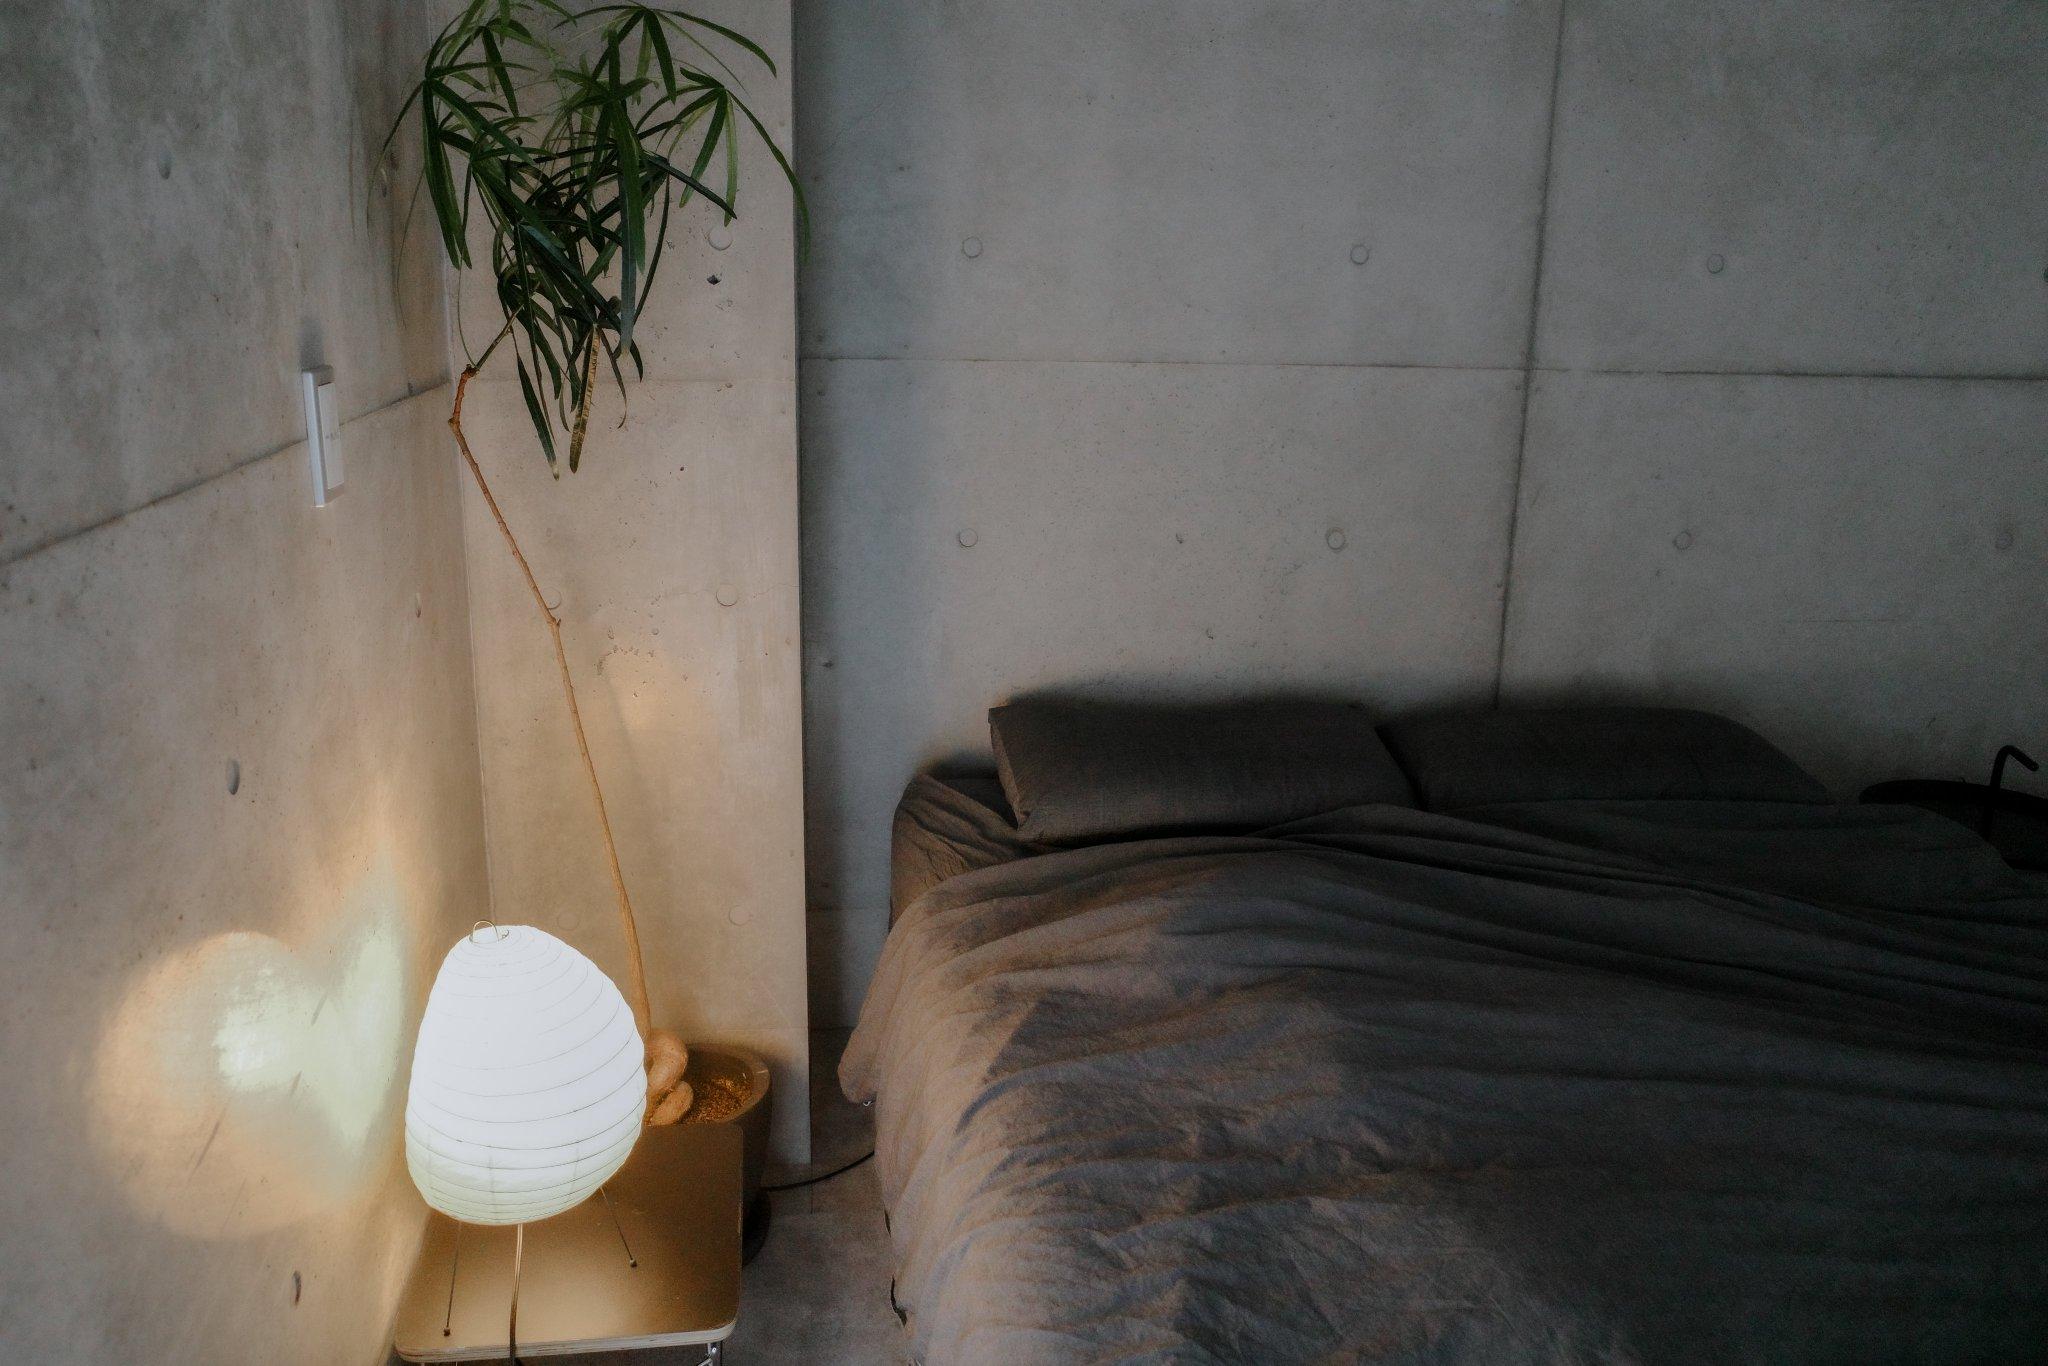 ふんわりと膨らんだ和紙から漏れ出す、優しい明かりはまるで提灯のよう。コンクリート打ちっぱなしの無機質な空間が、あたたかく、穏やかな雰囲気に包まれます。